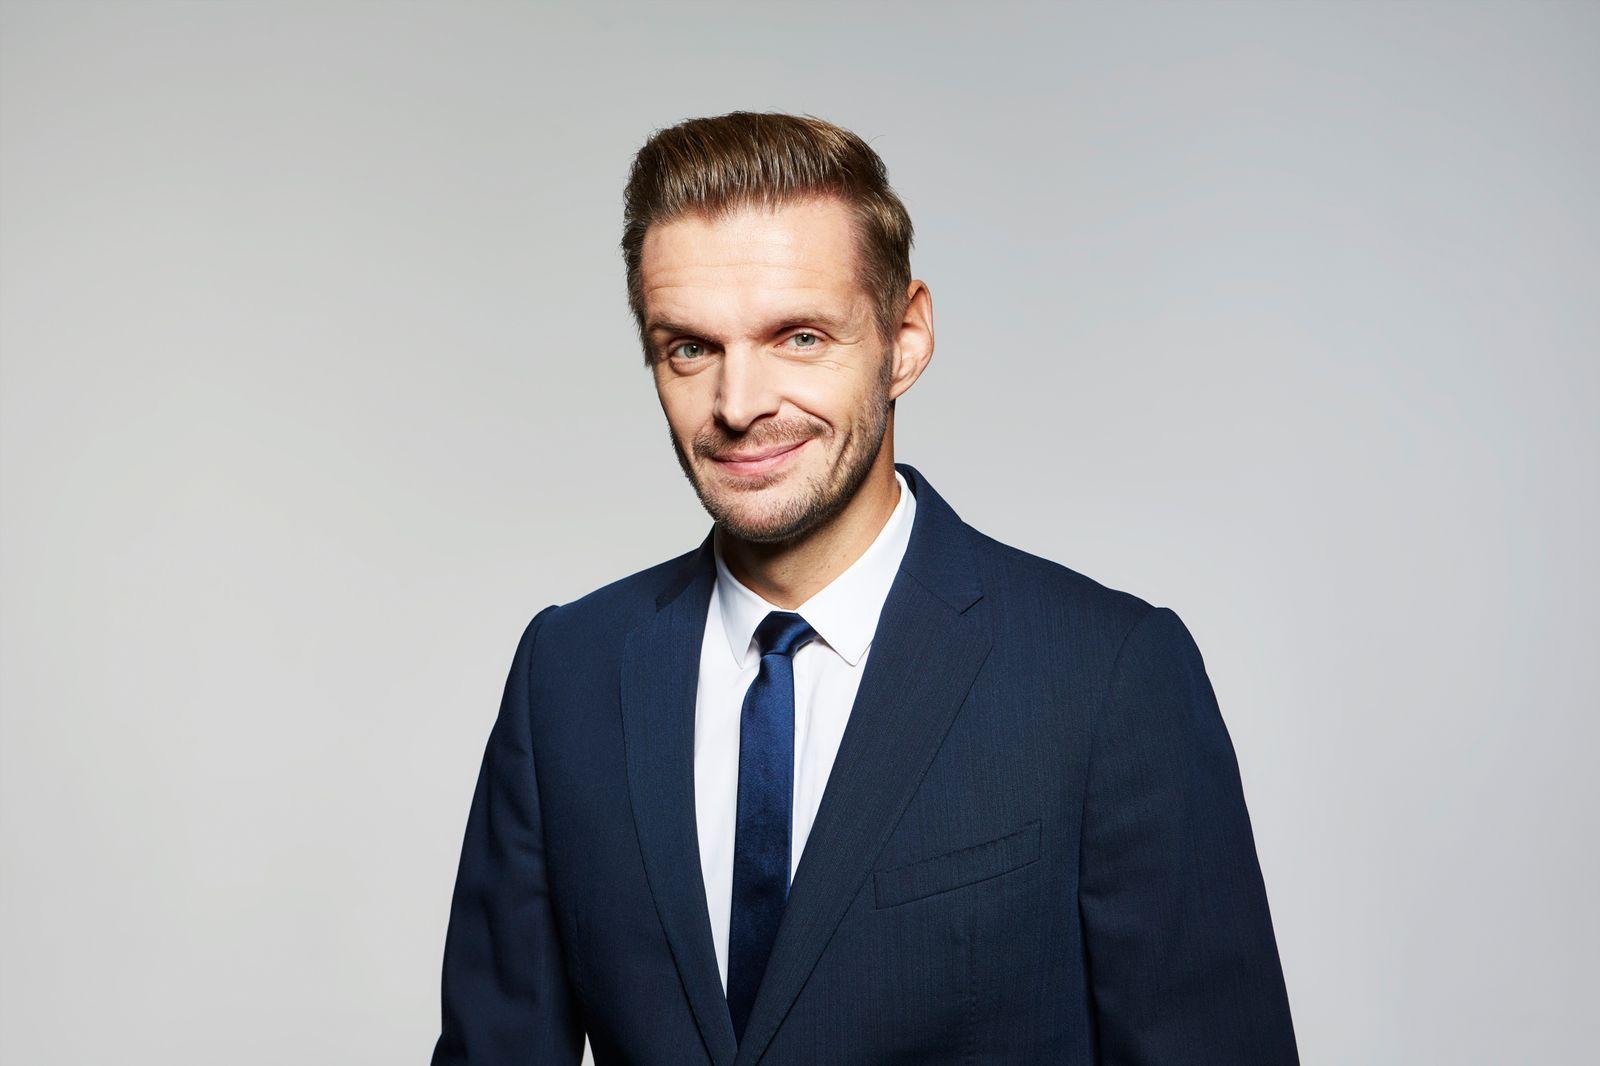 Florian Schröder